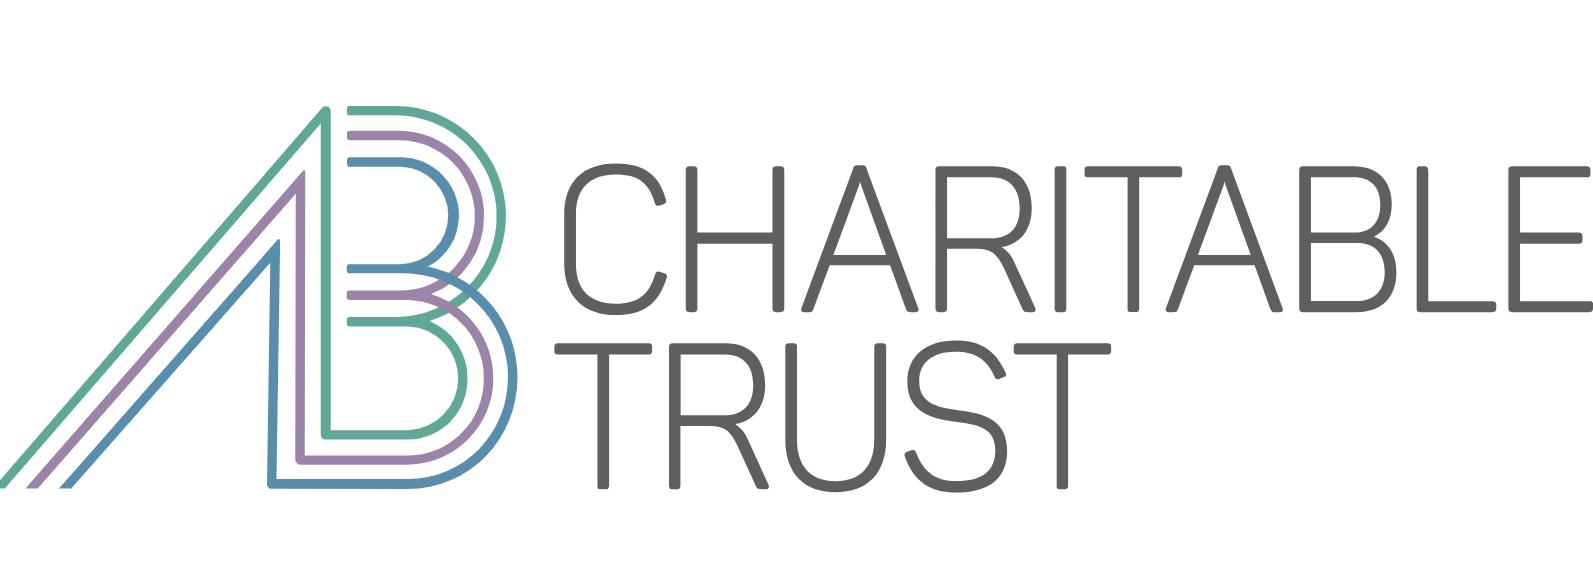 AB-Charitable-Trust